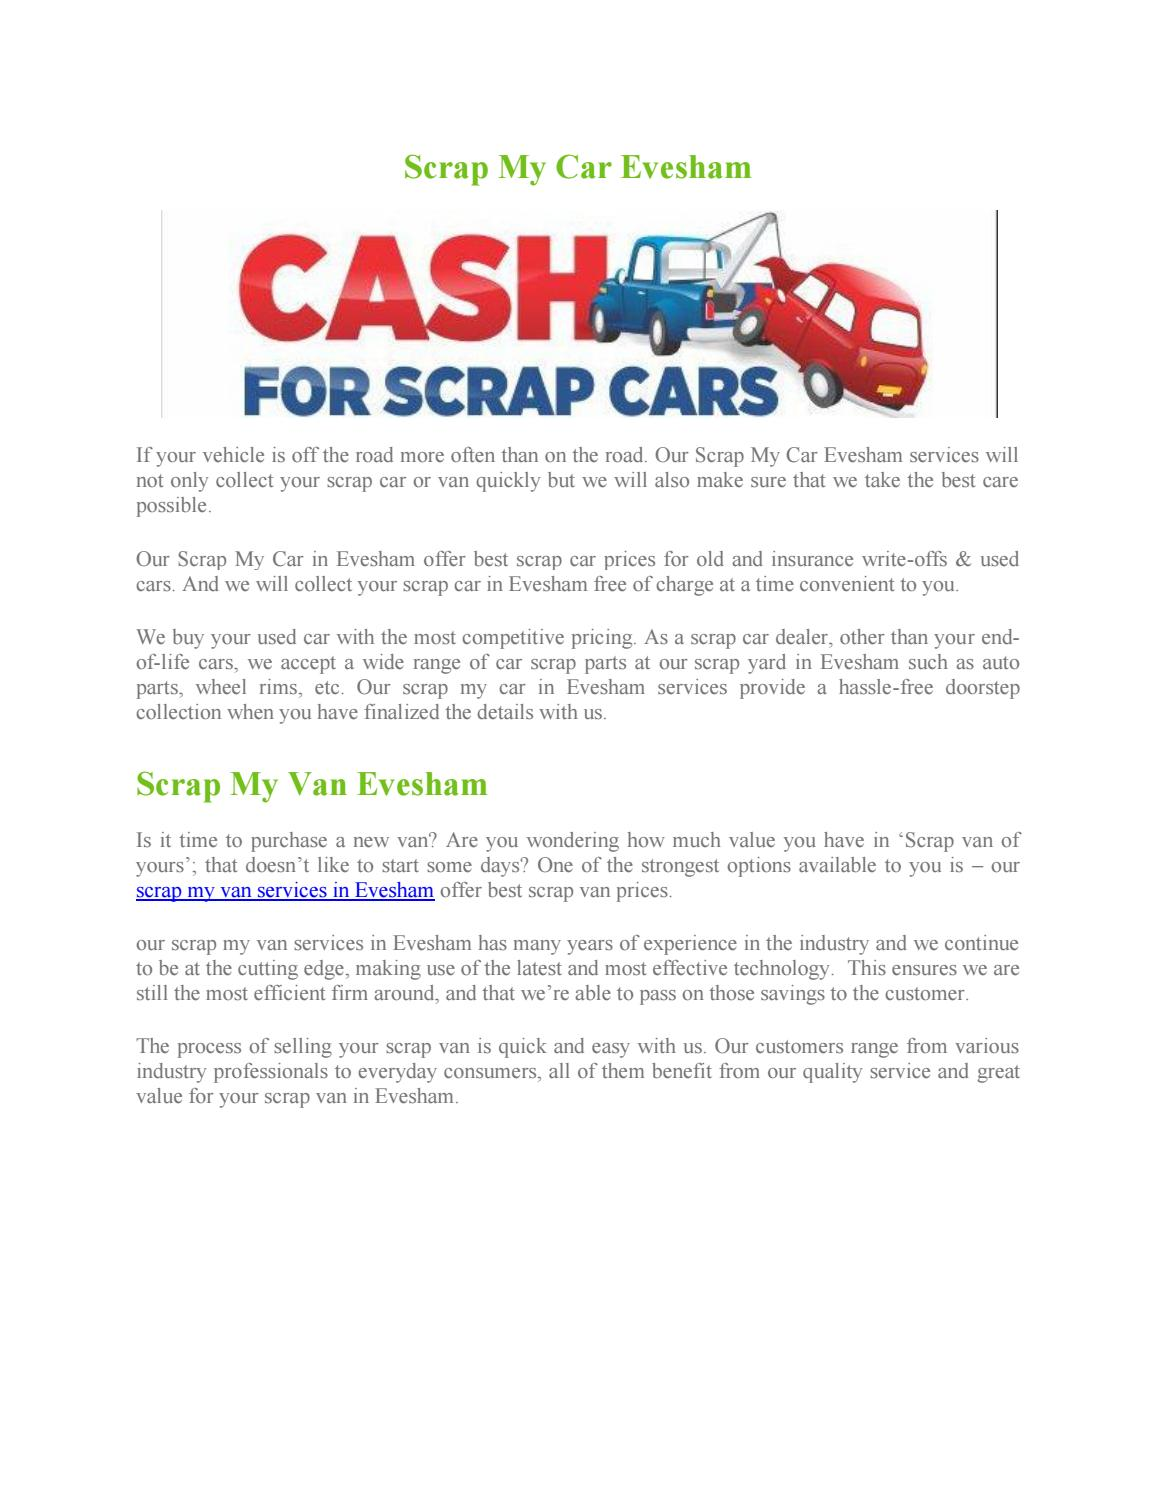 Scrap My Car Evesham By Scrap My Car 123 Issuu